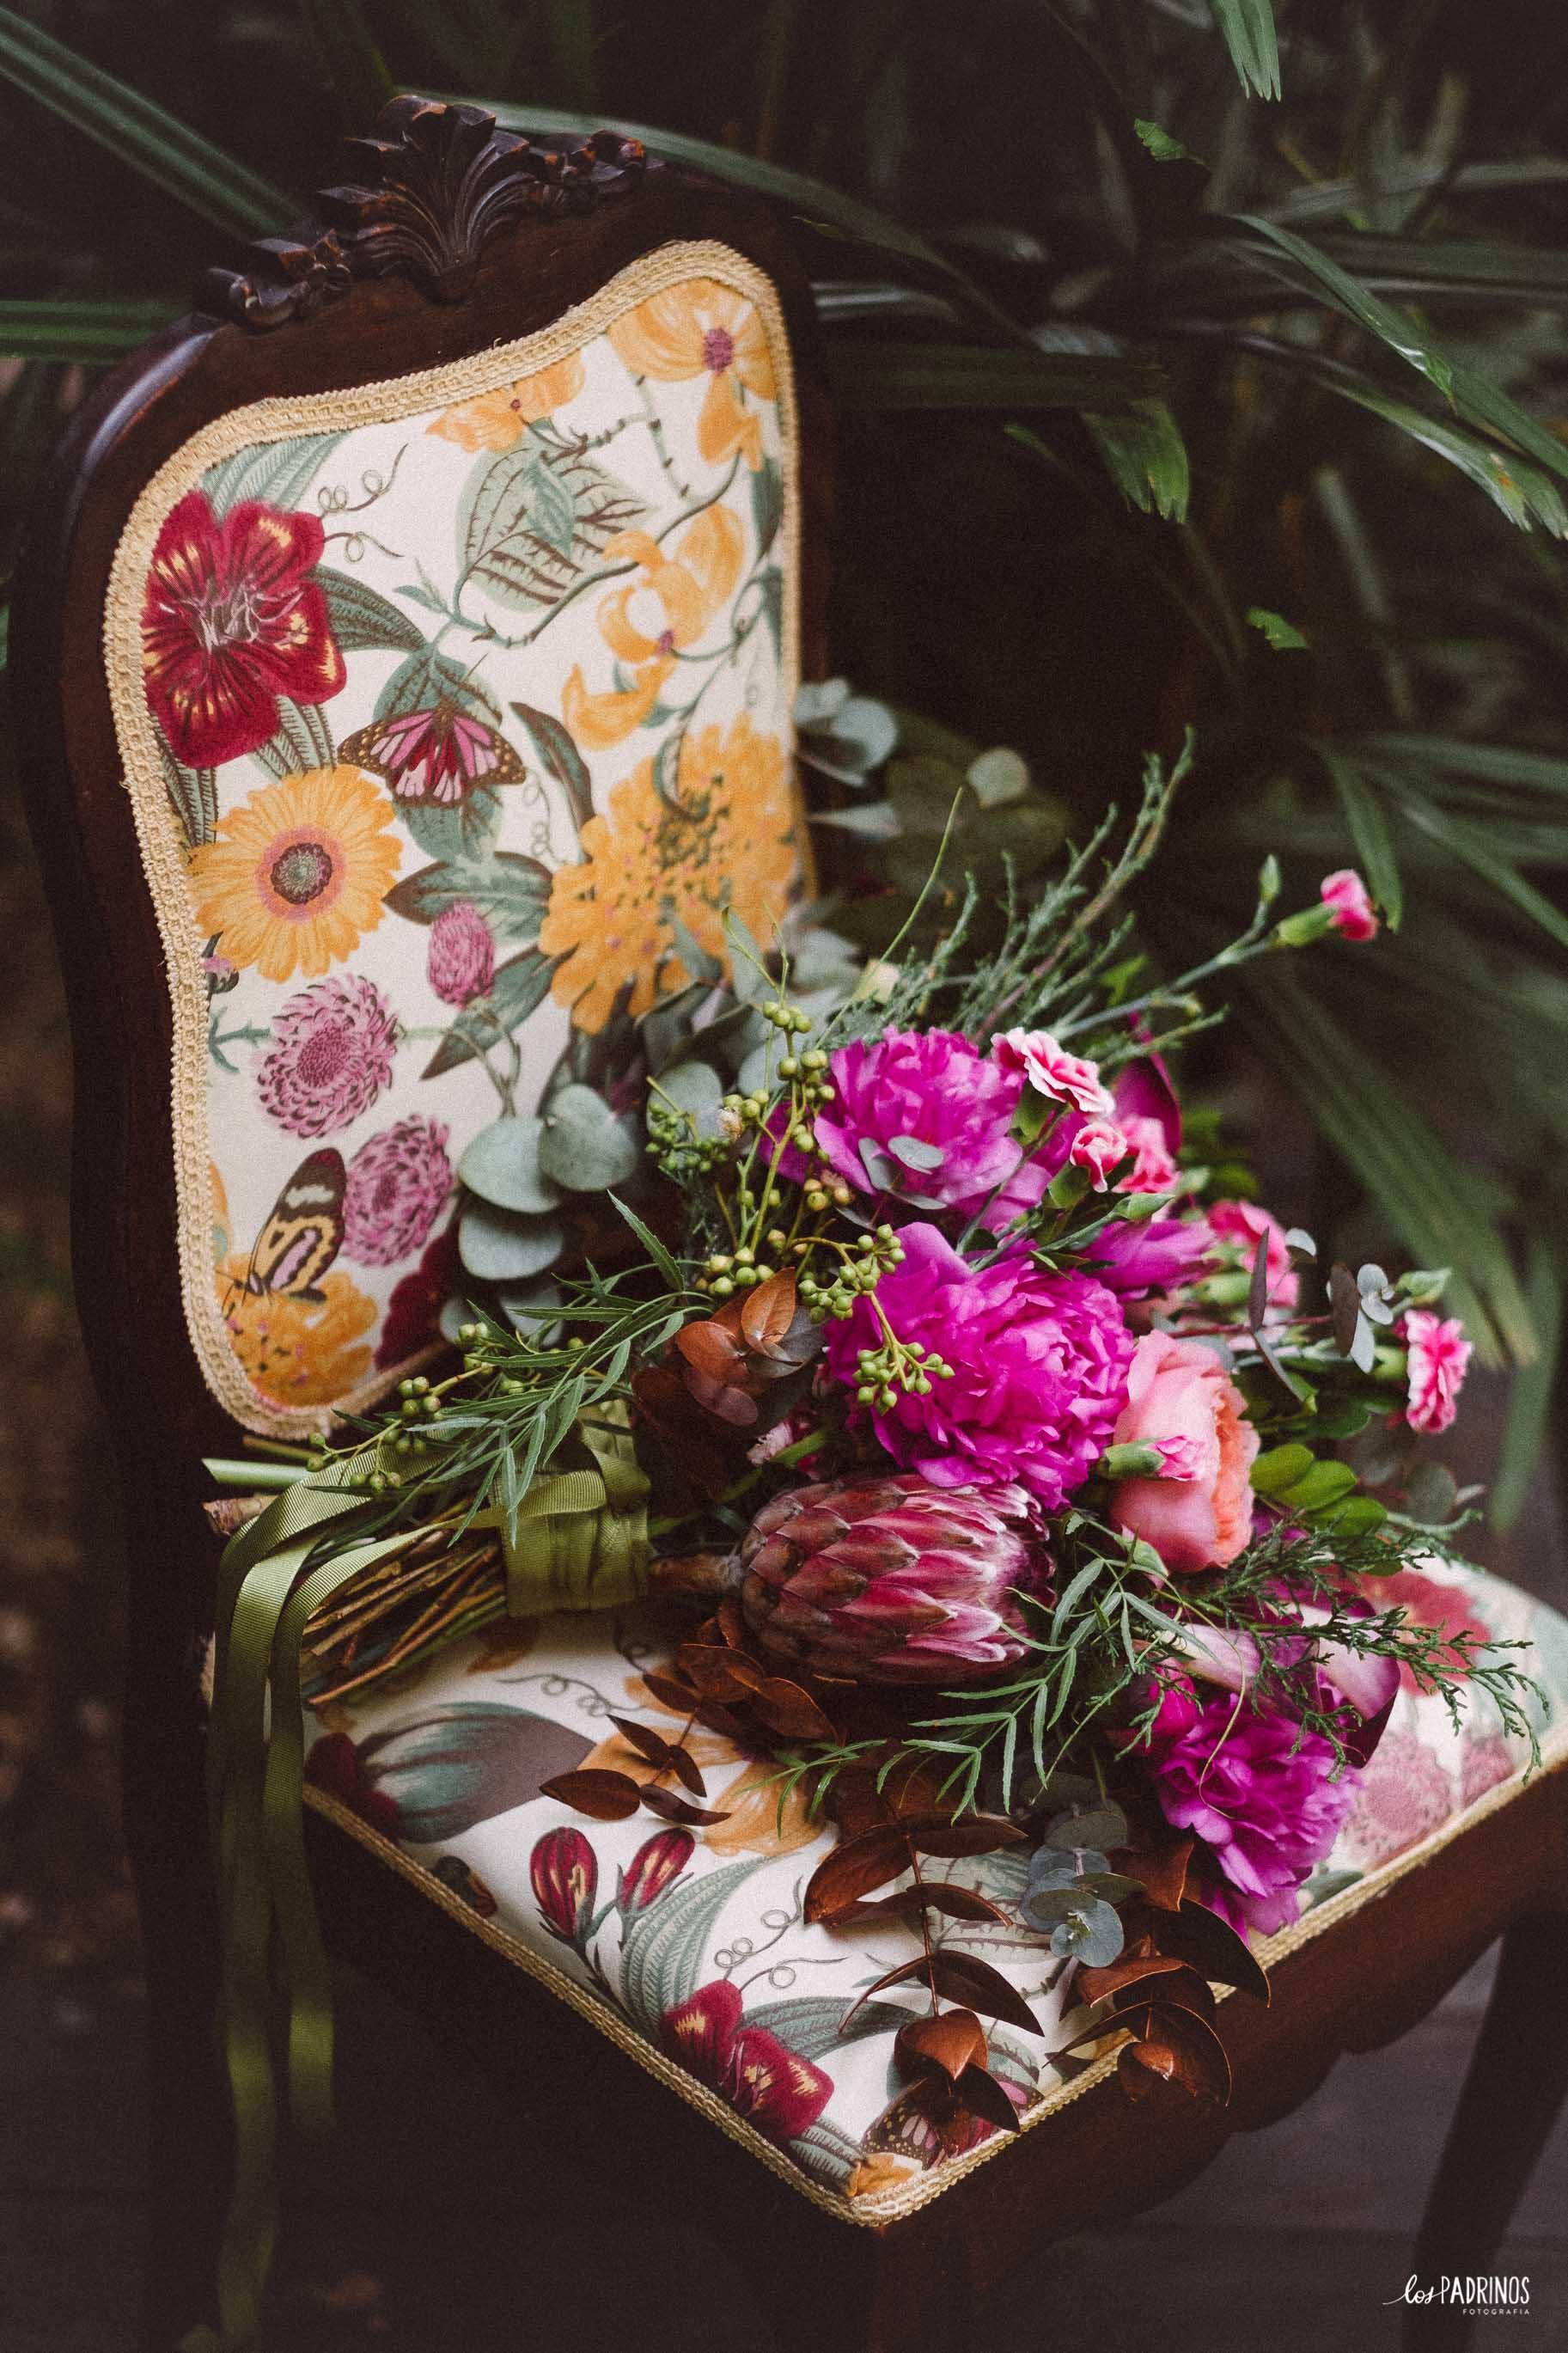 los-padrinos-fotografia-casamento-espaco-arcadia-soraia-roberto-renata-mario_0258.jpg